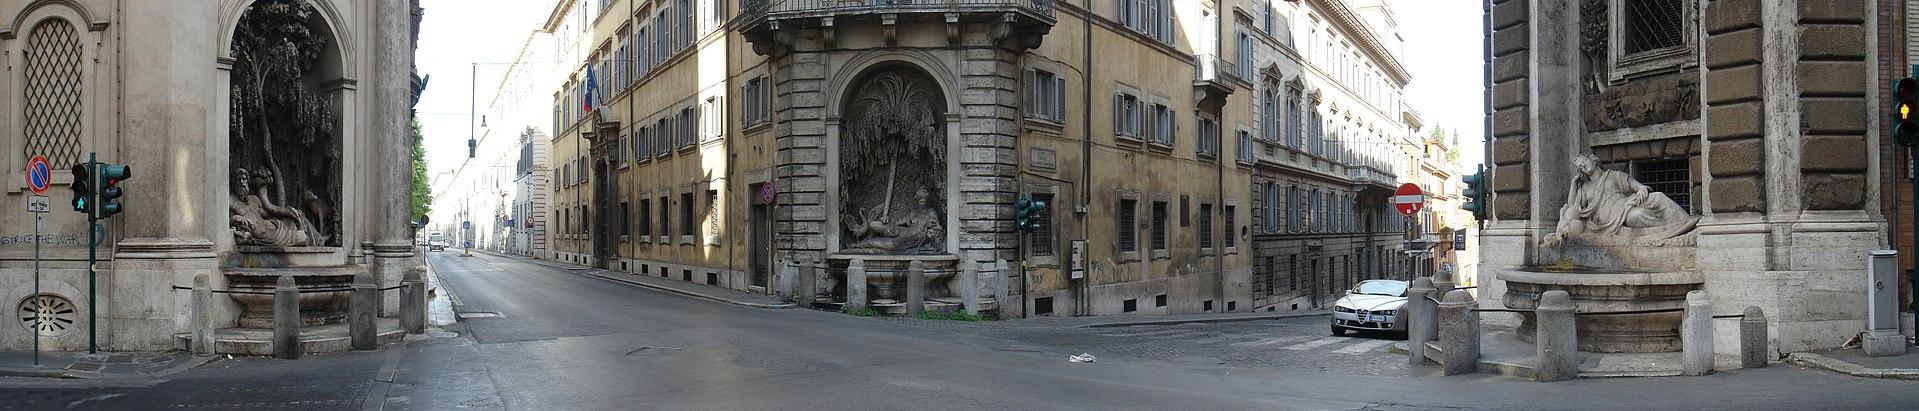 The Quattro Fontane, Rome